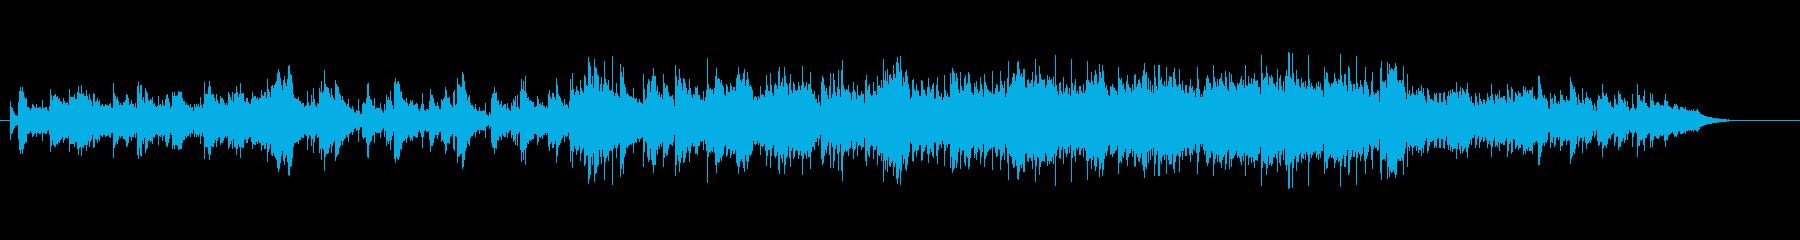 ピアノが美しいニューミュージックの再生済みの波形